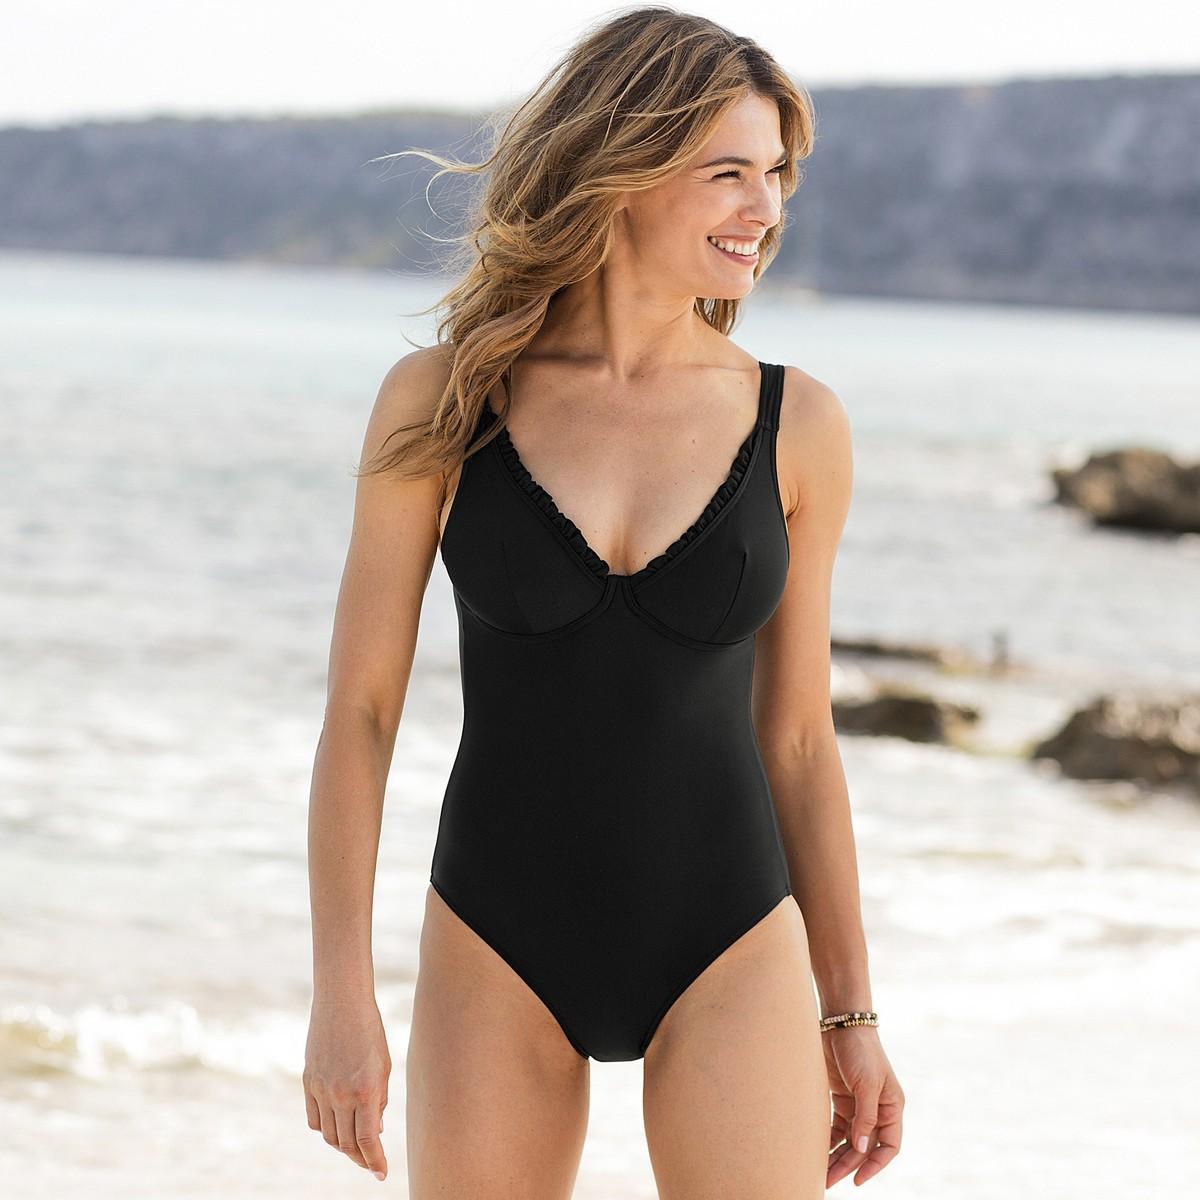 foto ufficiali 2d270 a1026 Costumi interi neri: l'eleganza da indossare in spiaggia ...